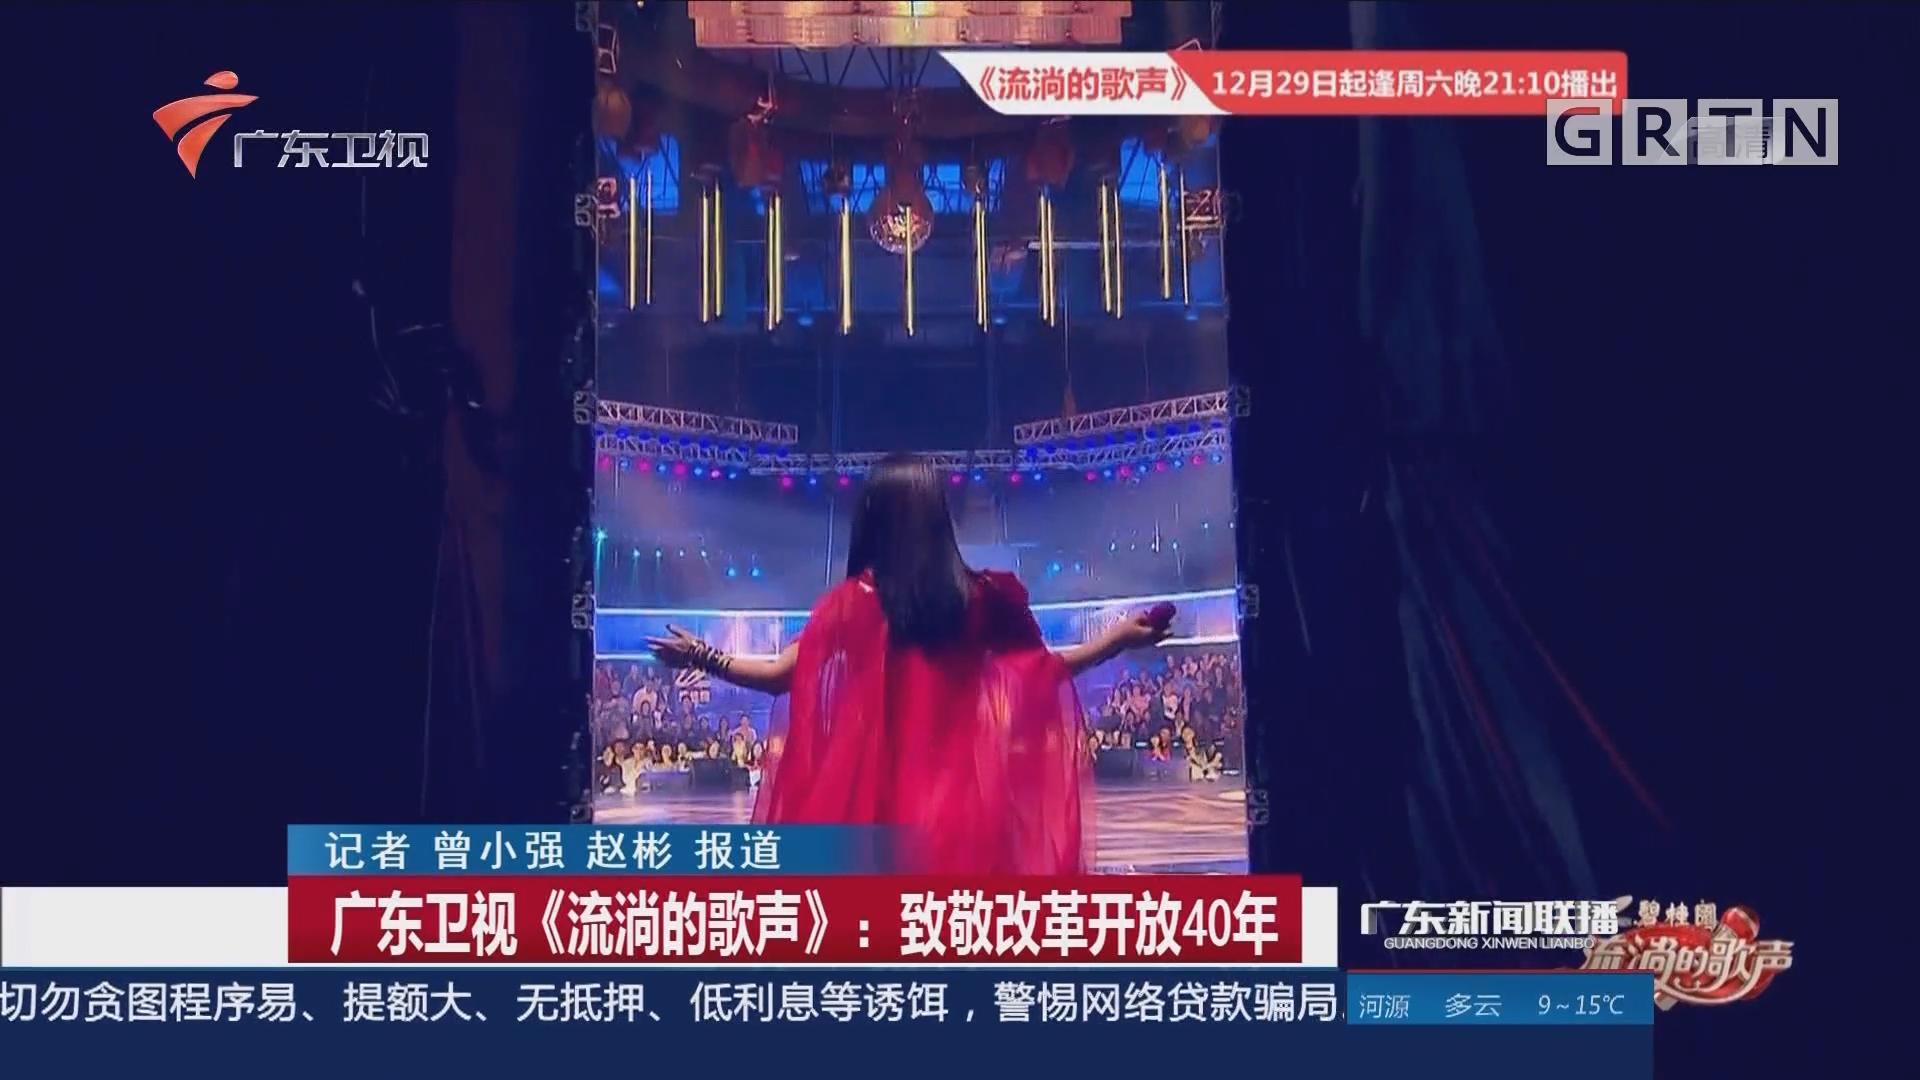 广东卫视《流淌的歌声》:致敬改革开放40年